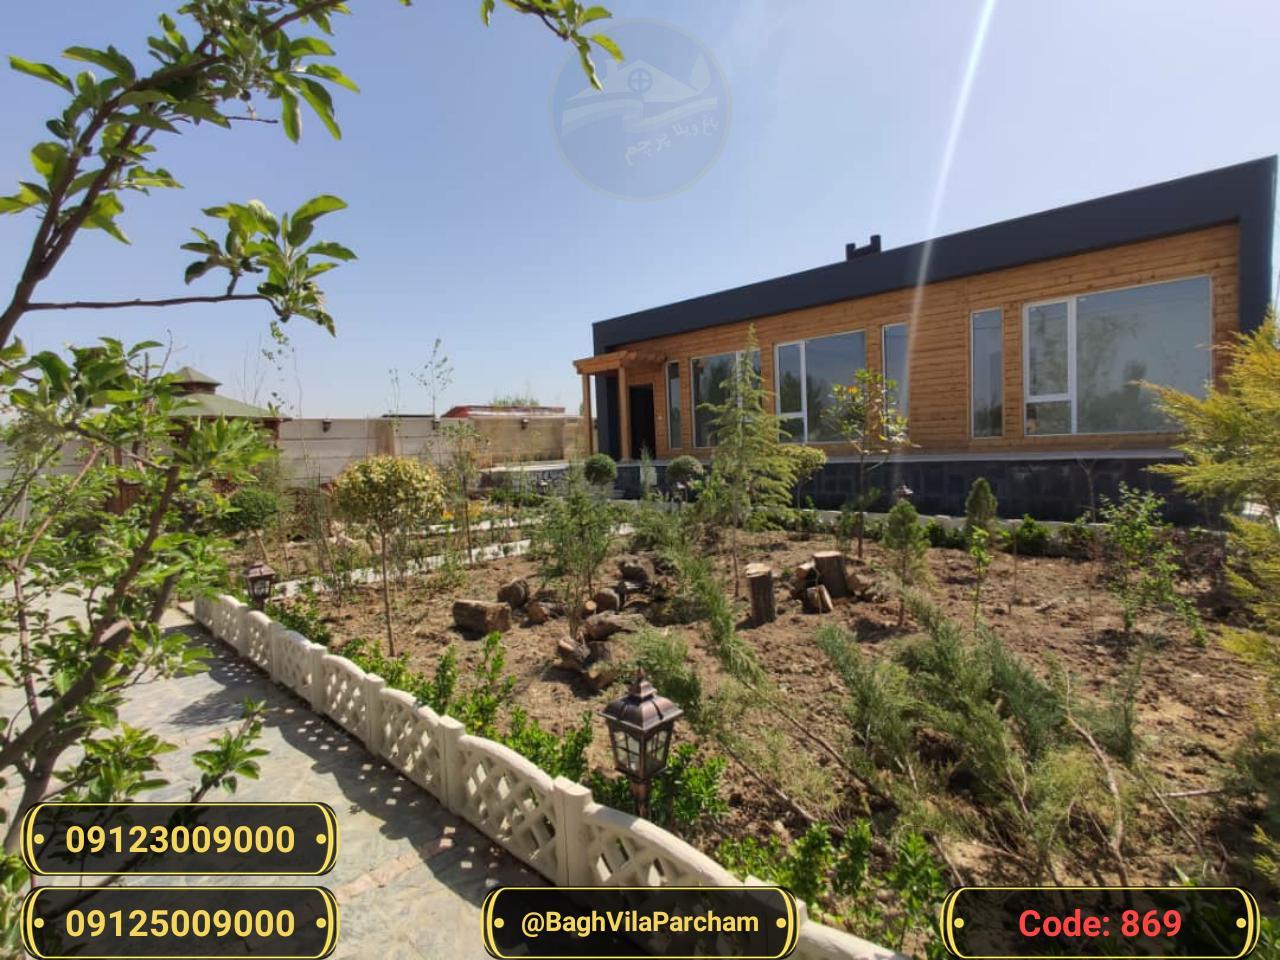 تصویر عکس باغ ویلا شماره 3 از ویلای ۷۵۰  متر ویلا مدرن Picture photo image 3 of ۷۵۰  متر ویلا مدرن